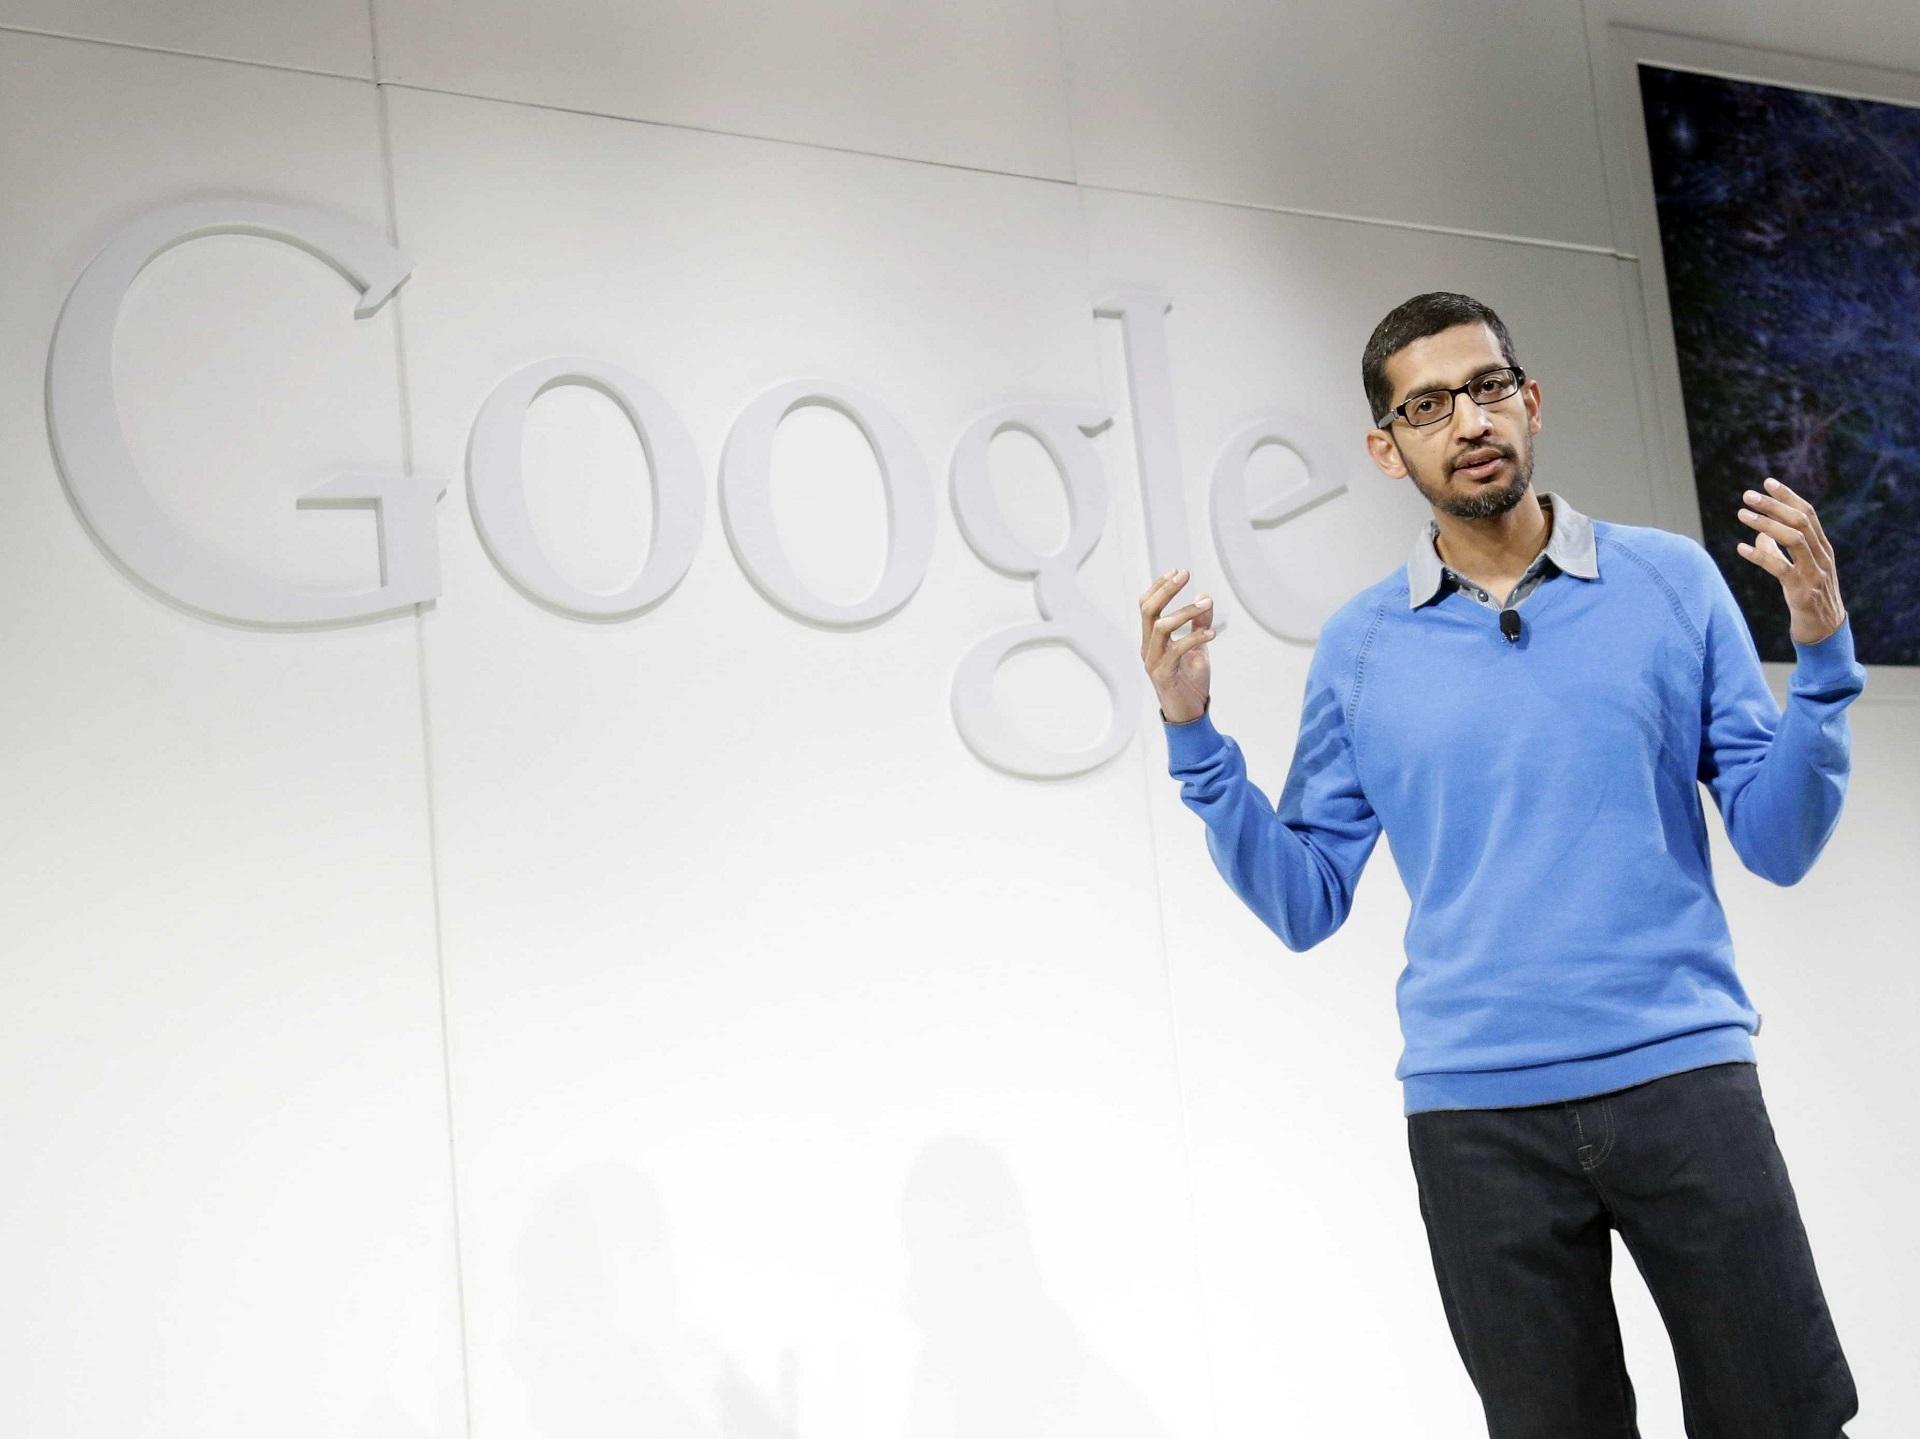 جوجل Sundar Pachai